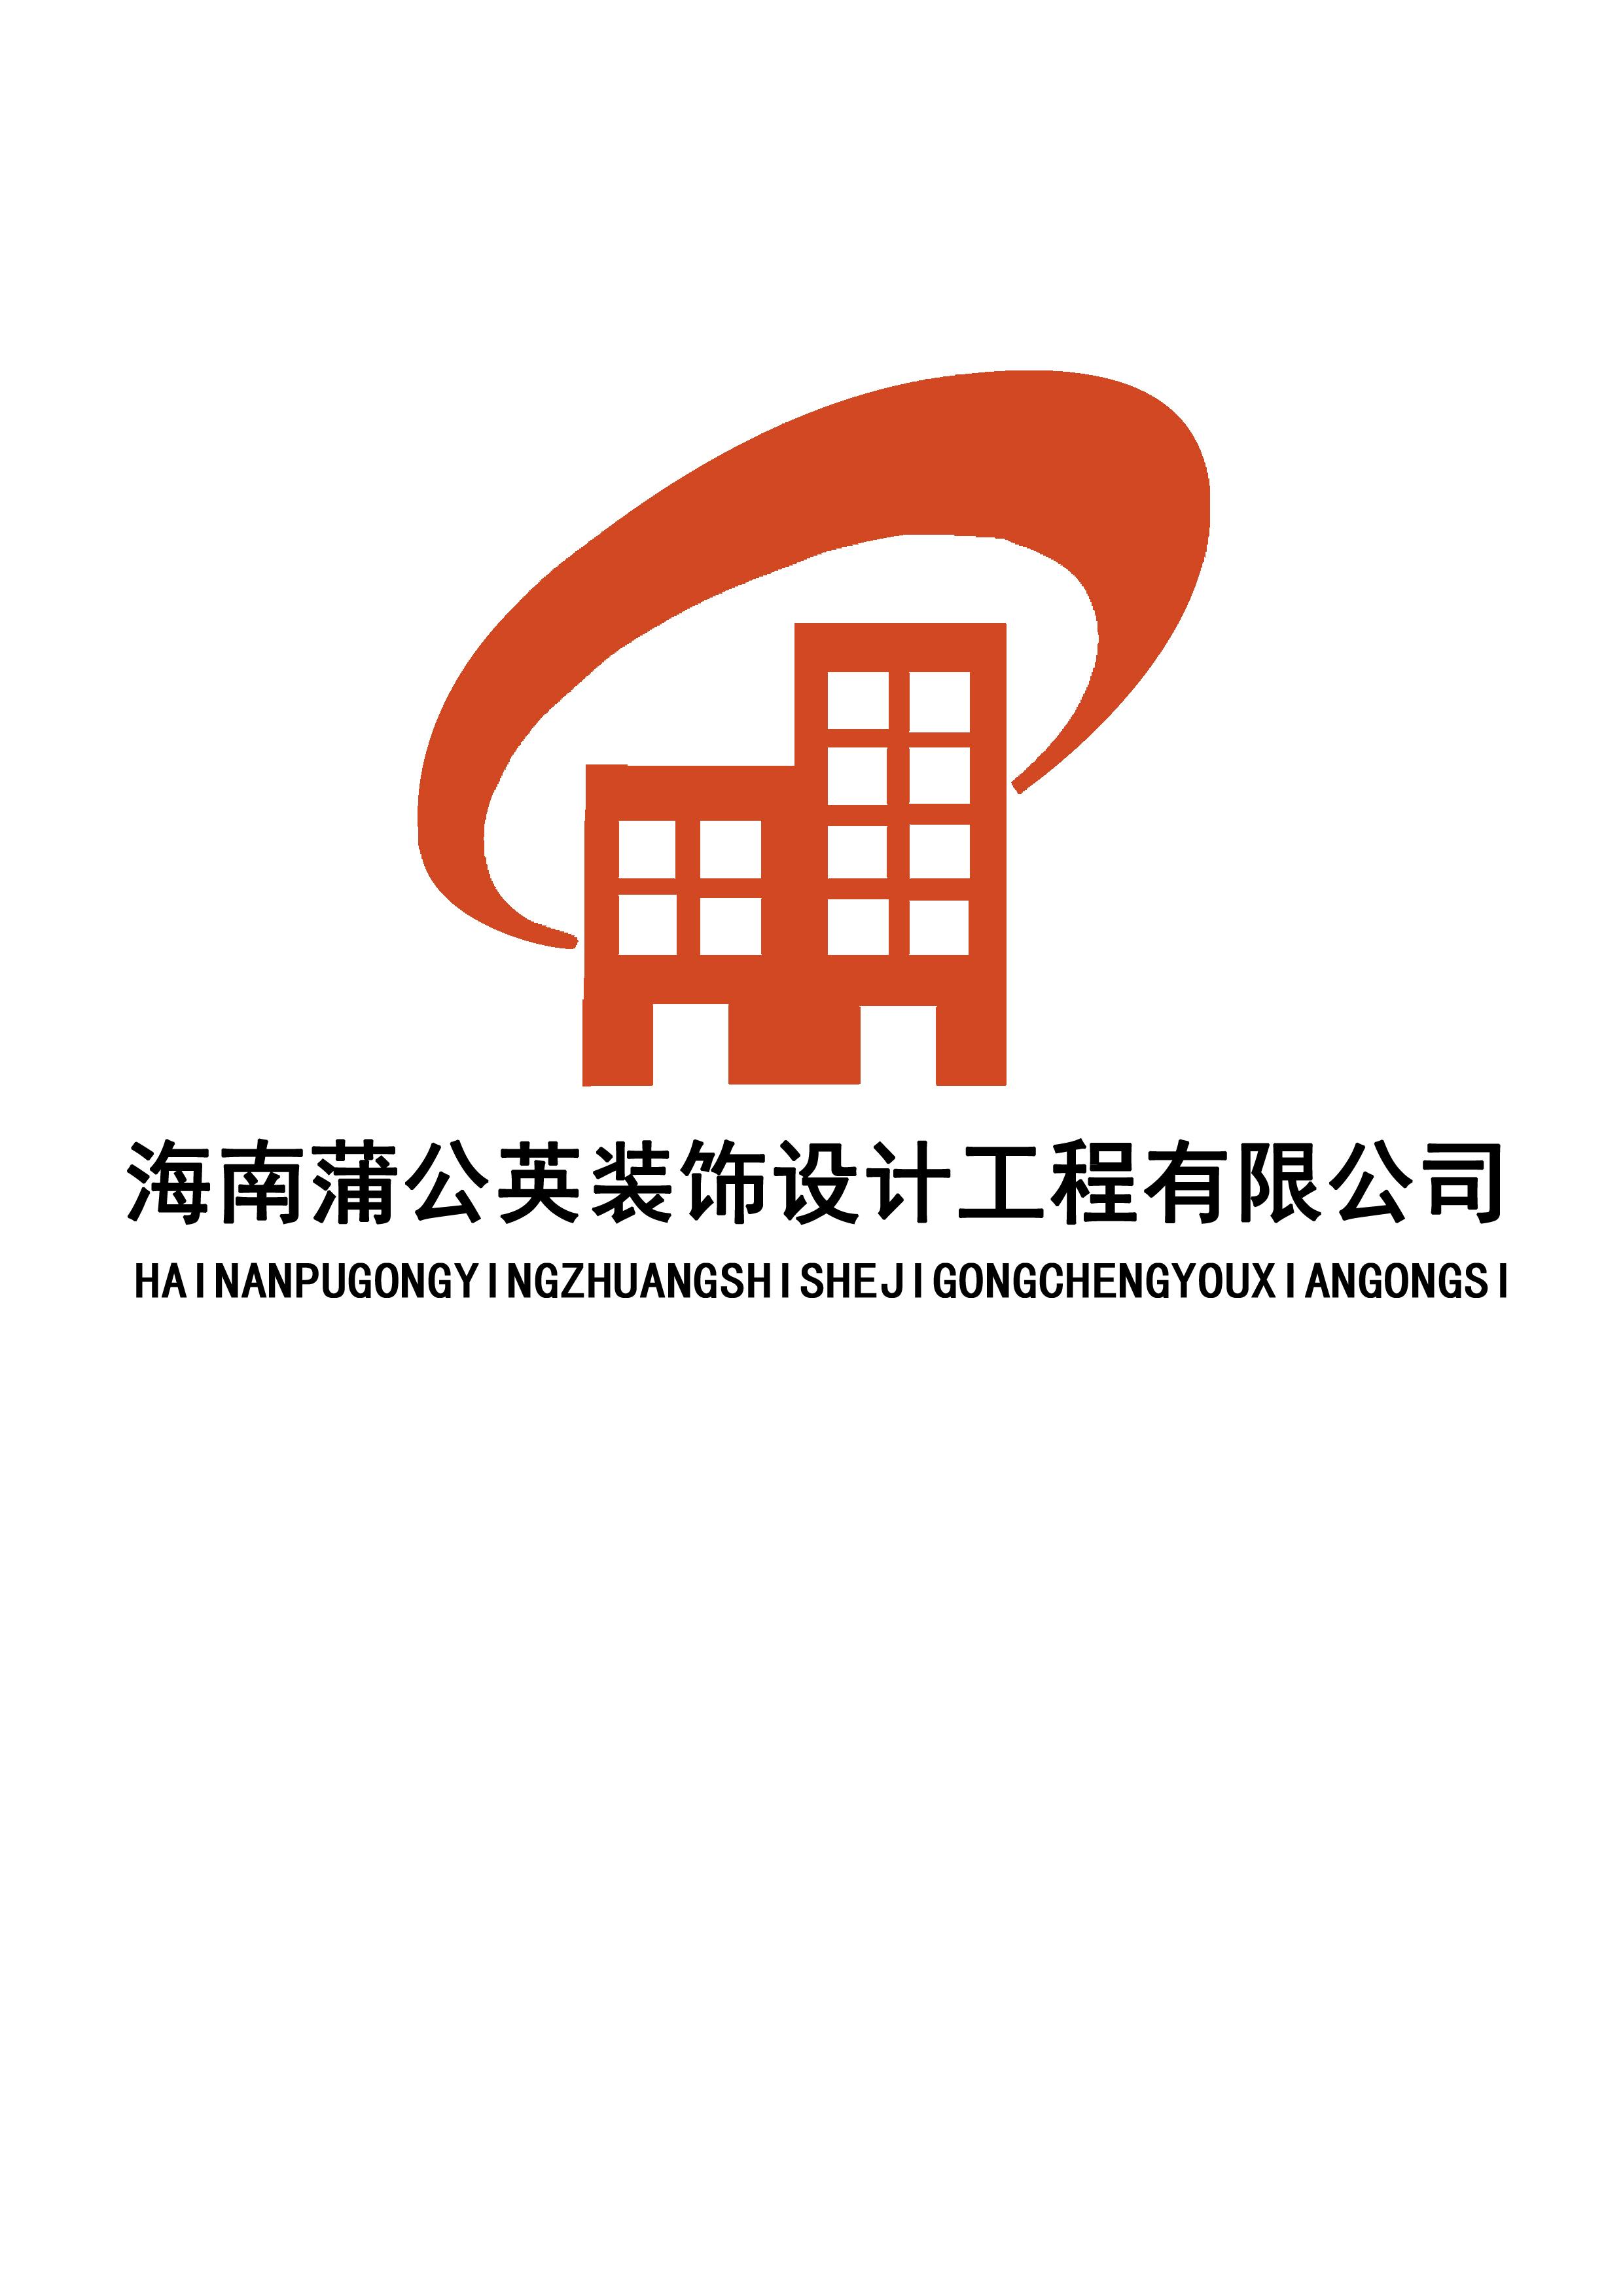 海南蒲公英装饰设计工程有限公司